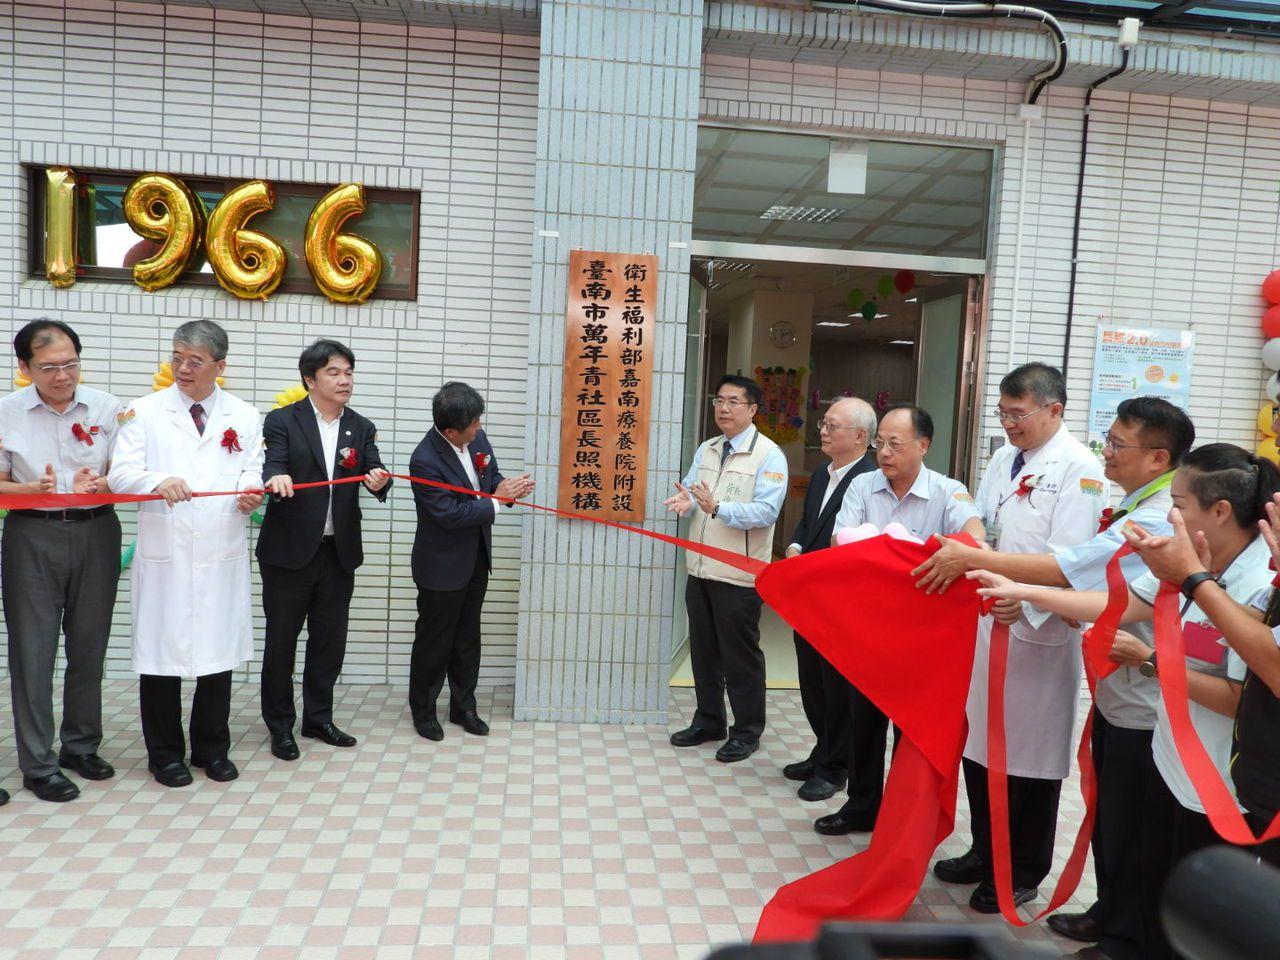 台南市长黄伟哲参加嘉南疗养院长照机构揭牌。记者周宗祯/摄影